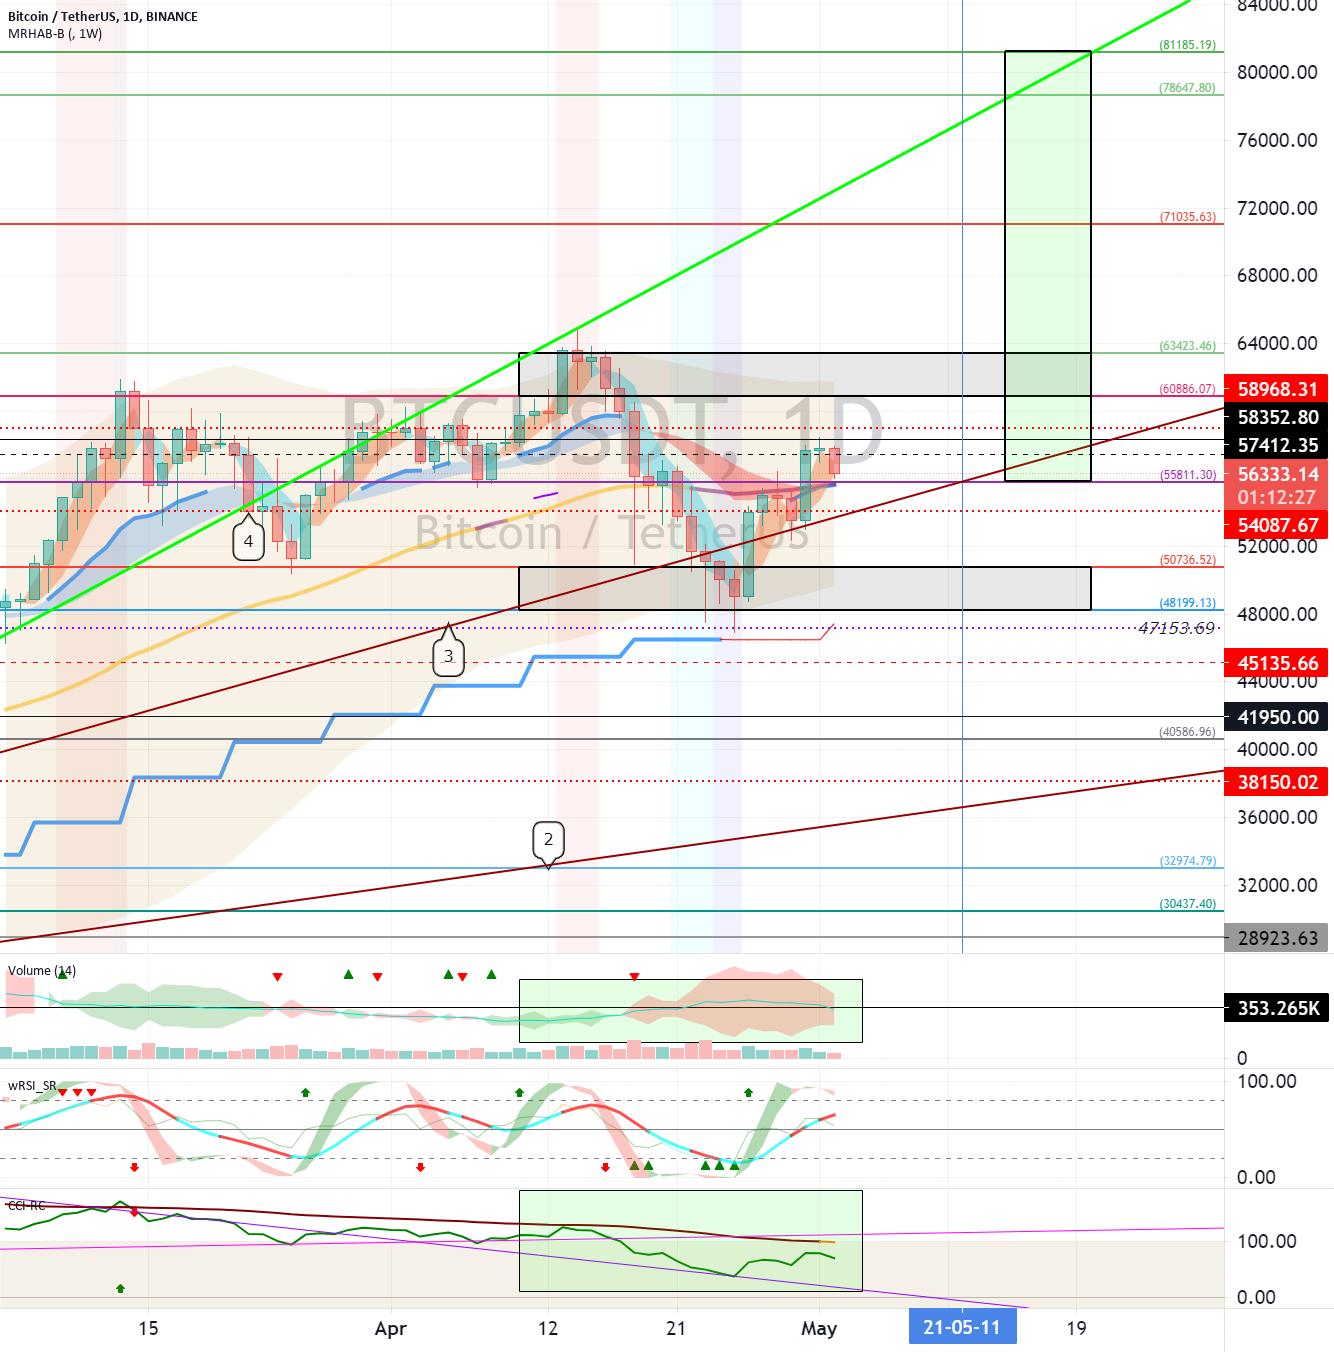 Bitcoin (BTC) - May 3 (Variability Period-7)